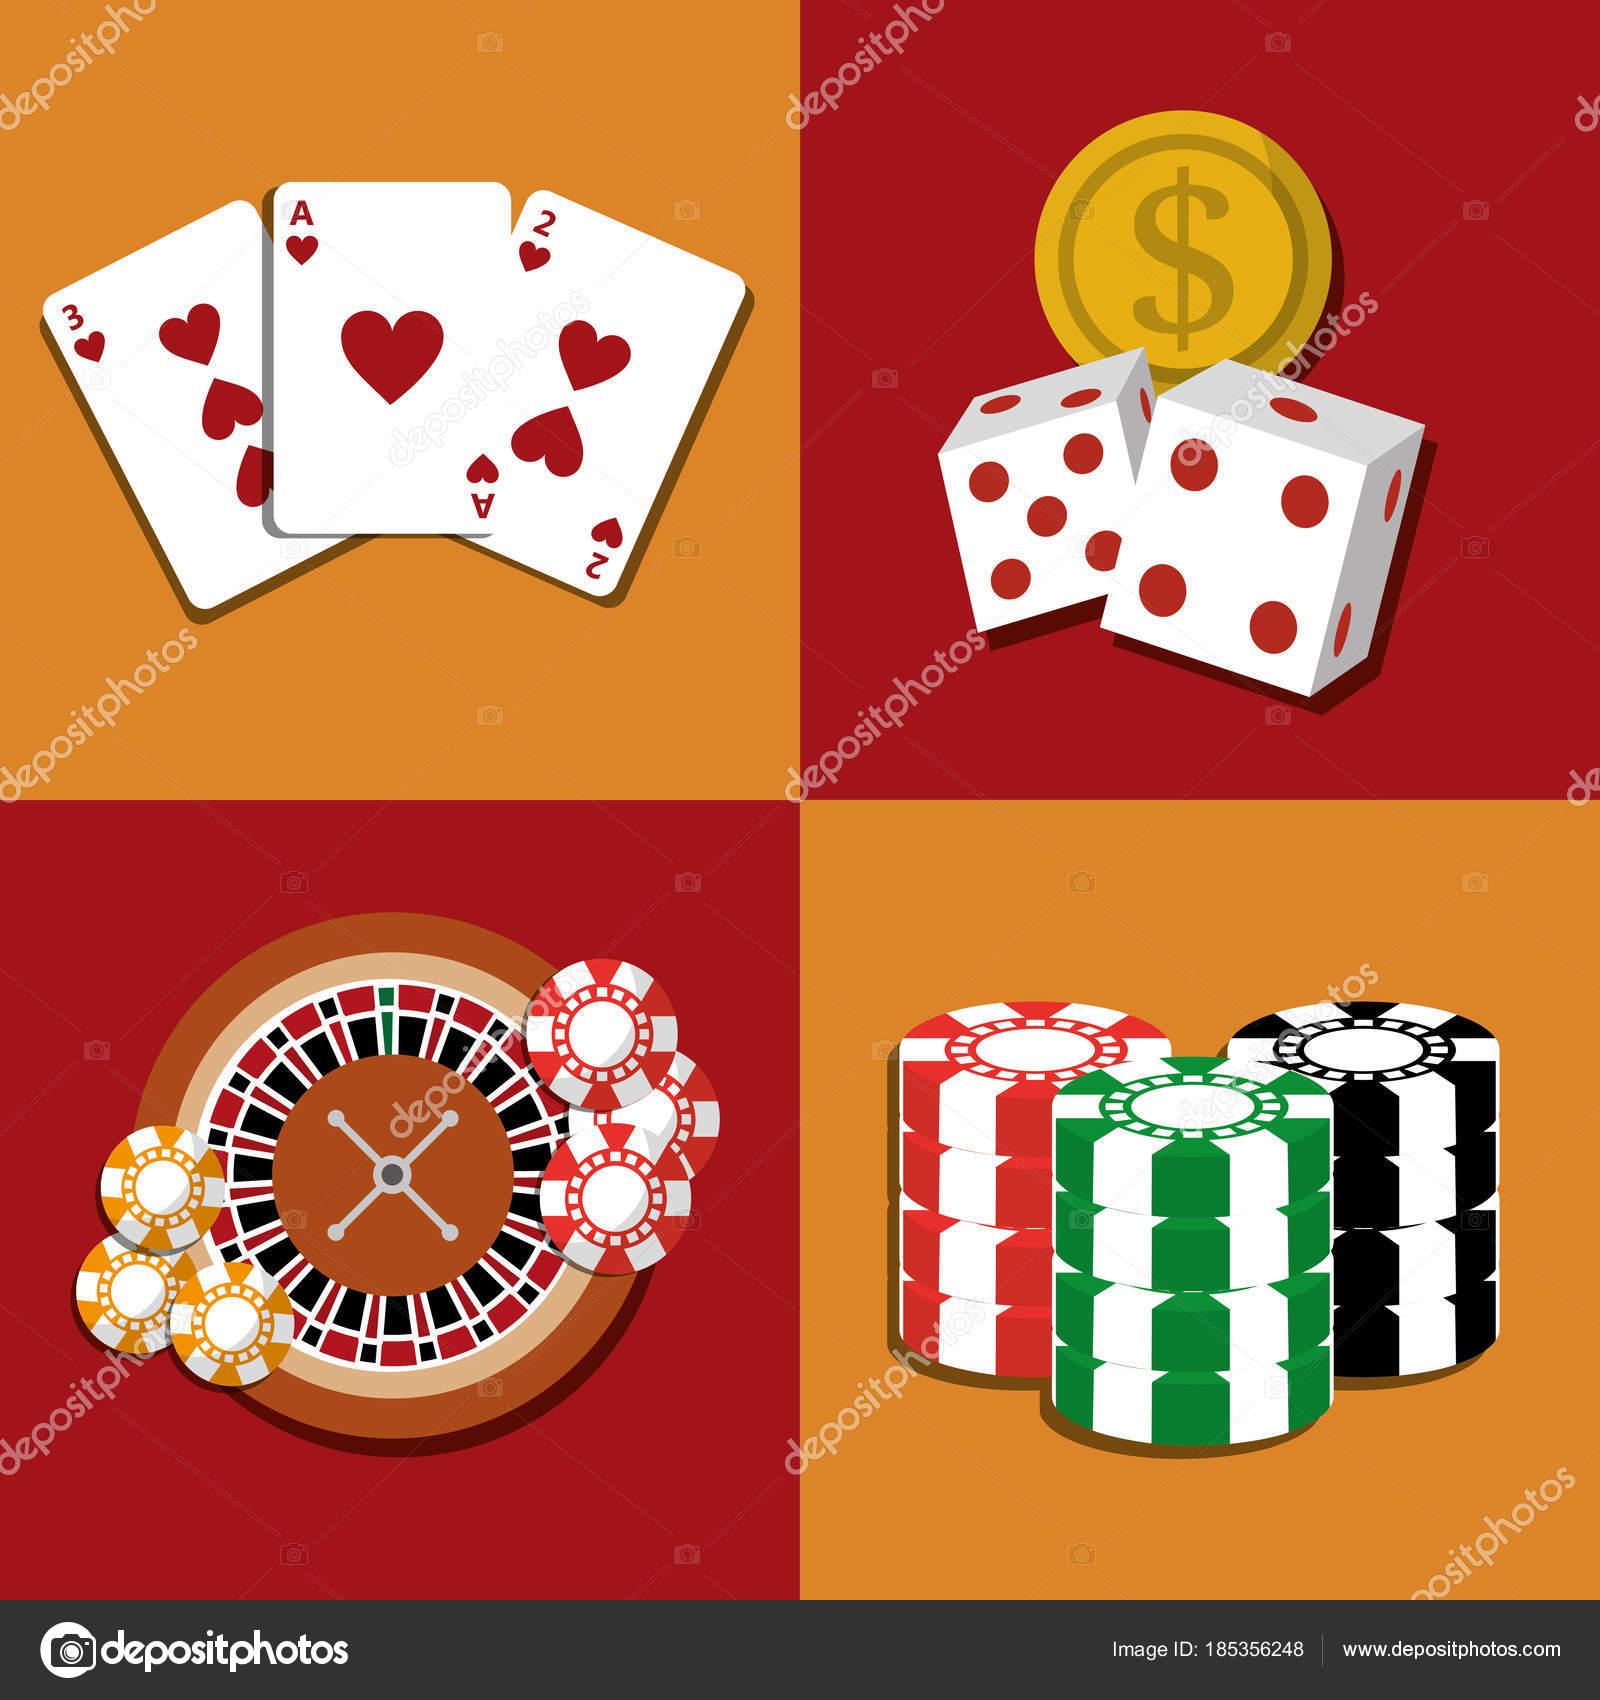 Apuestas juegos ClubPlayerCasino - 22452